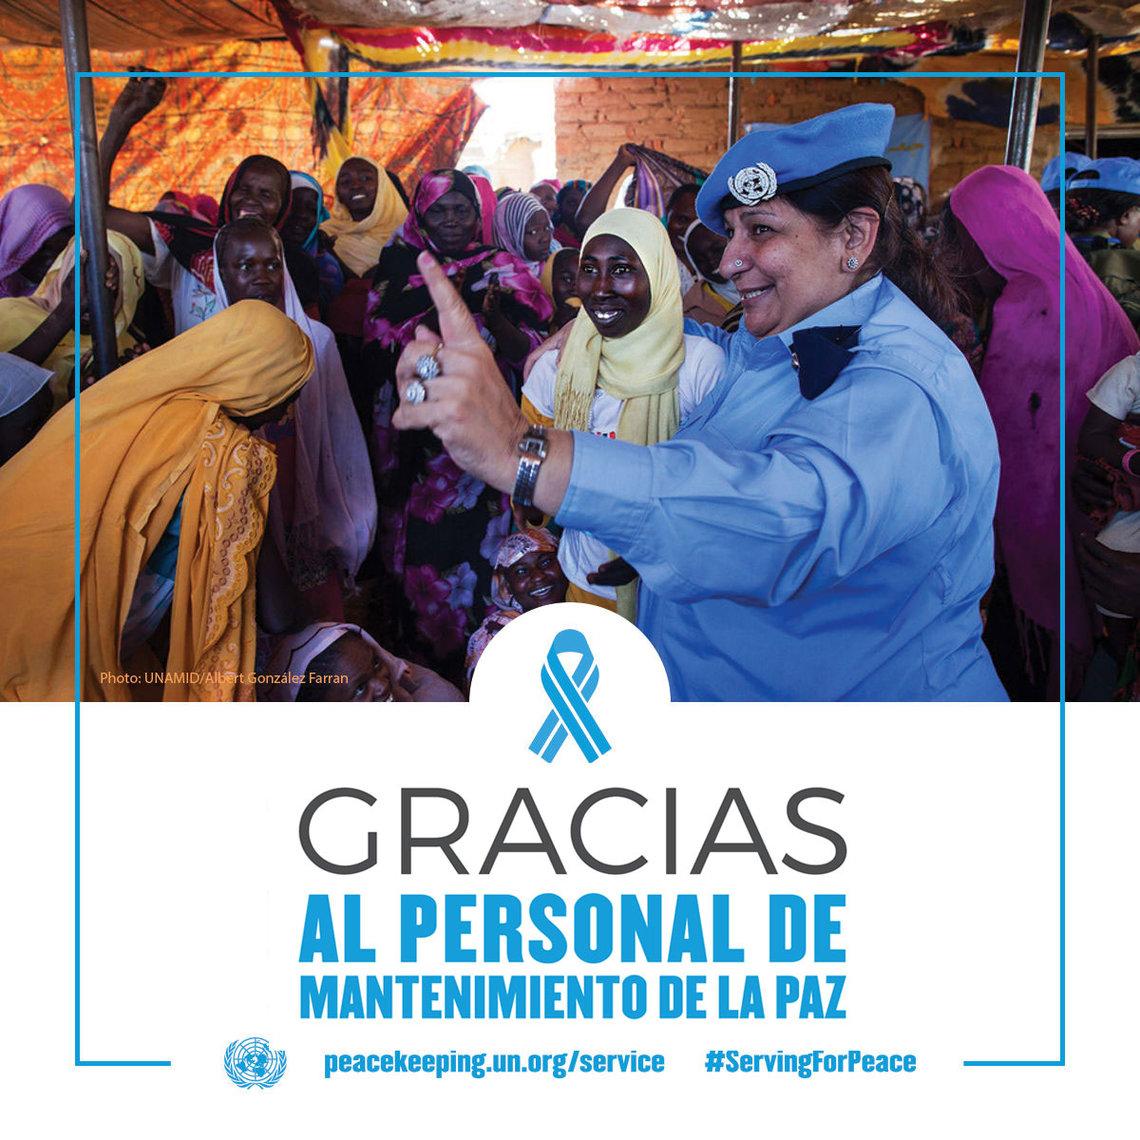 El oficial de policía de la ONU de Pakistán habla con mujeres y niñas en Darfur